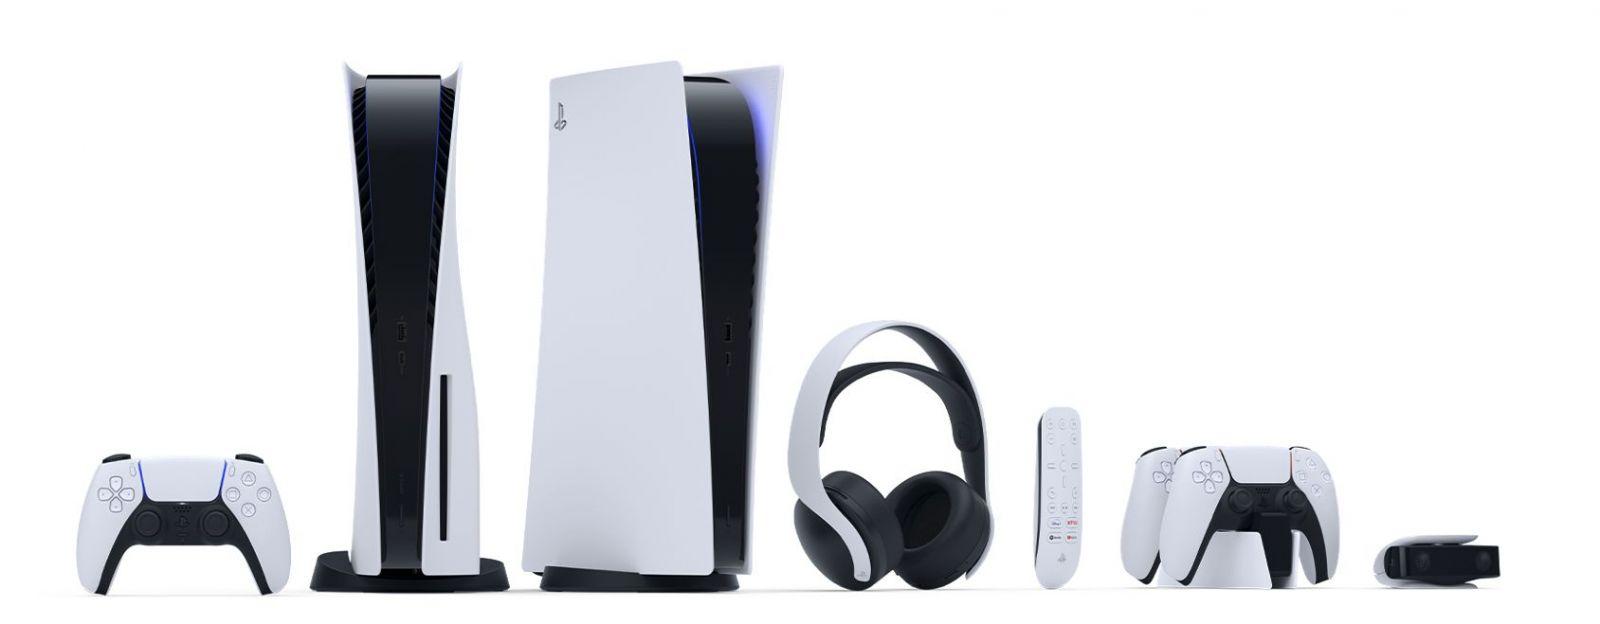 10 dôvodov, prečo si kúpiť PlayStation 5. Priaznivá cena, výkon a exkluzívne hry zďaleka nie sú všetko